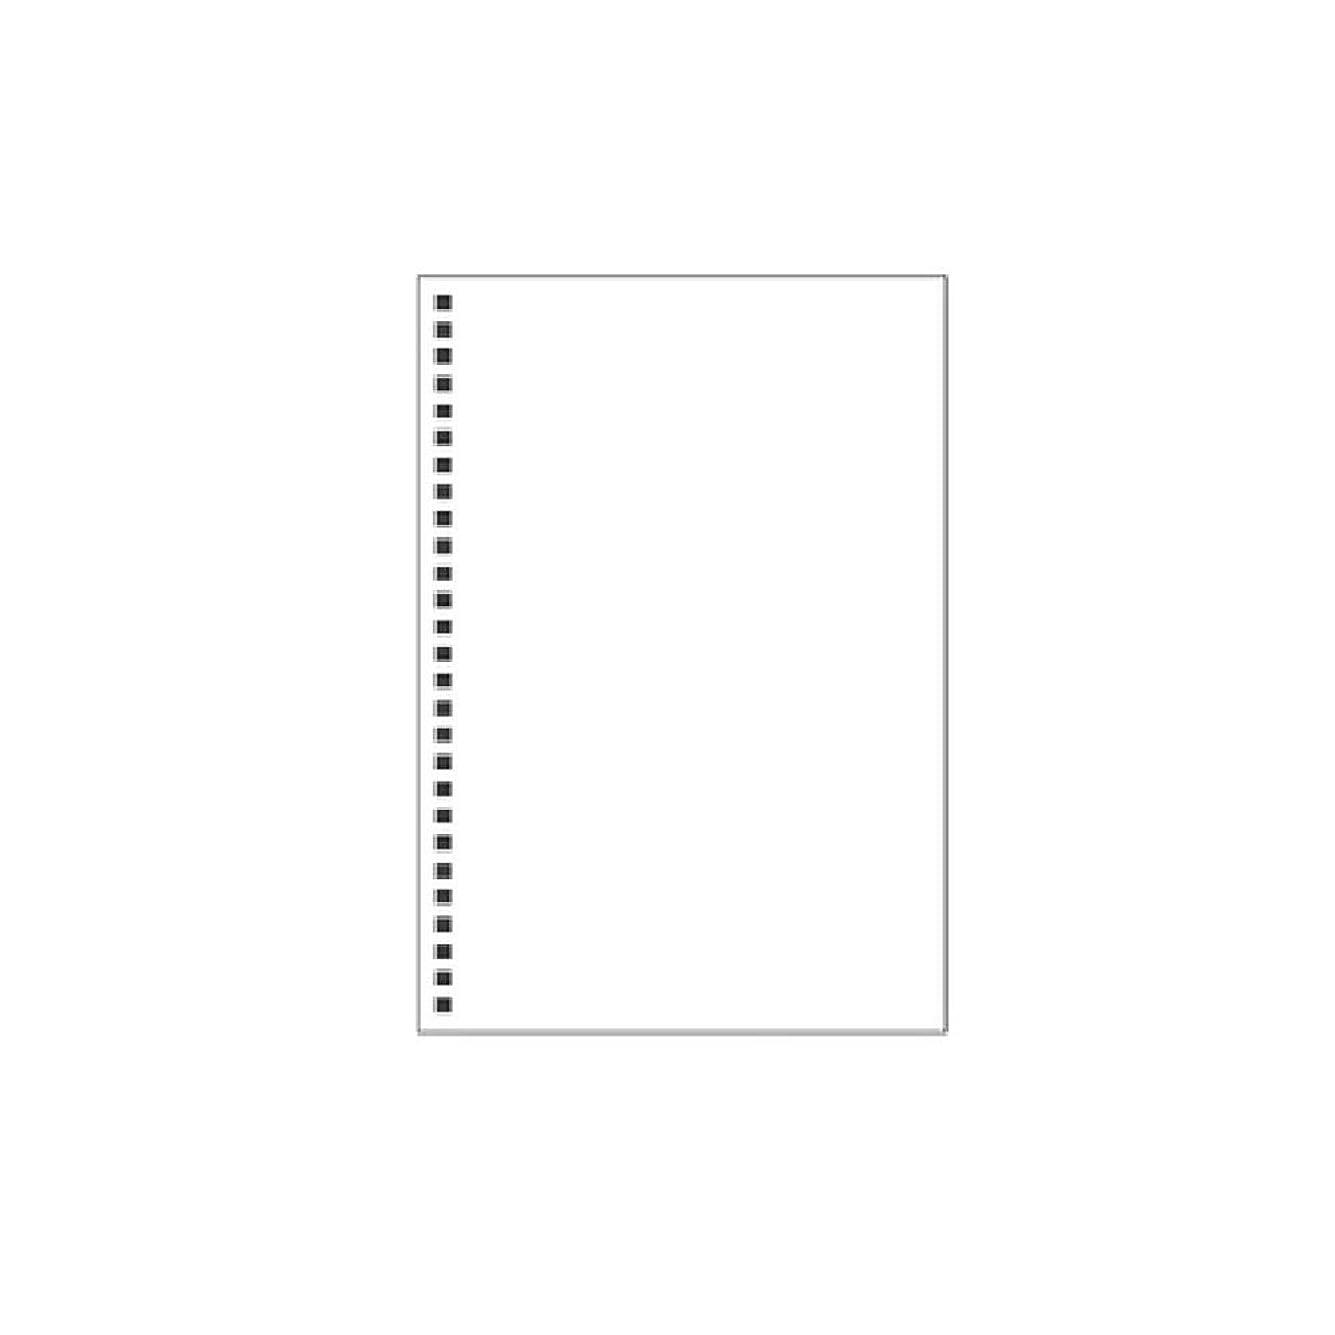 人事準備蒸留するTOYANDONA 学校のオフィスの文房具のためのルーズリーフノートA6バインダージャーナル透明カバーノート